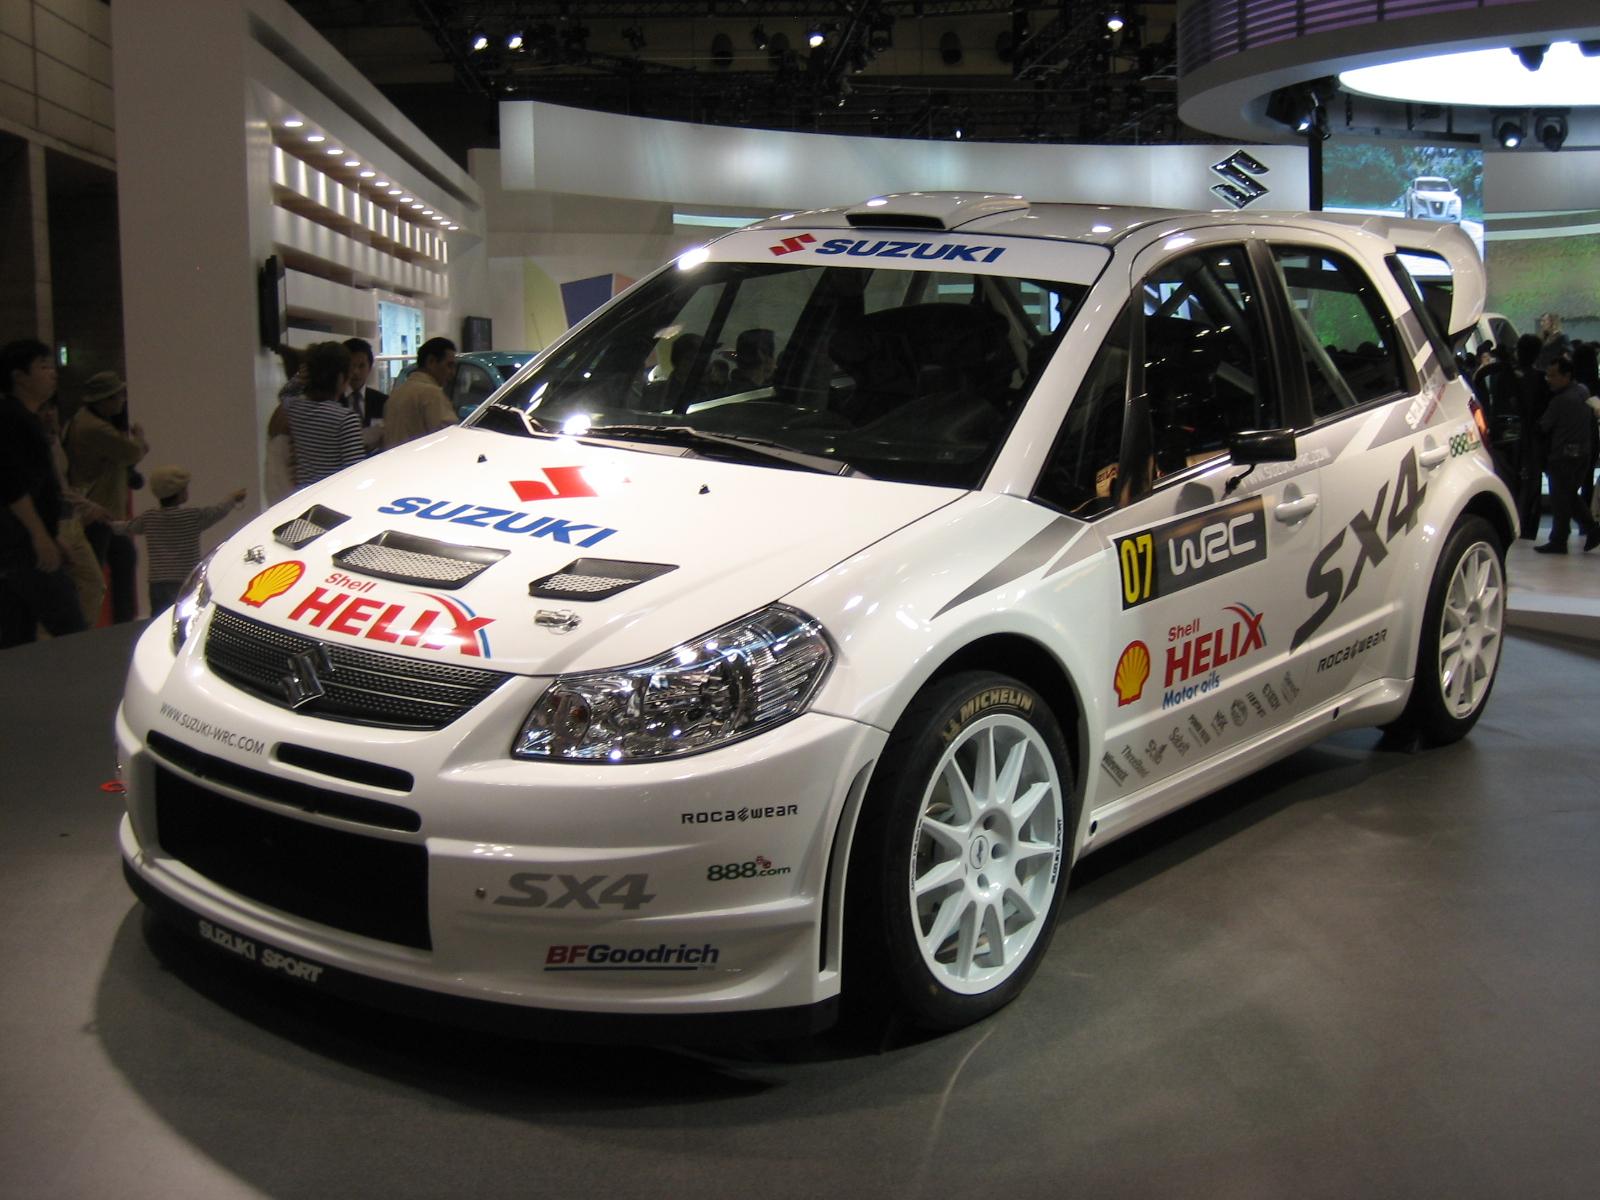 Suzuki Wrc Car